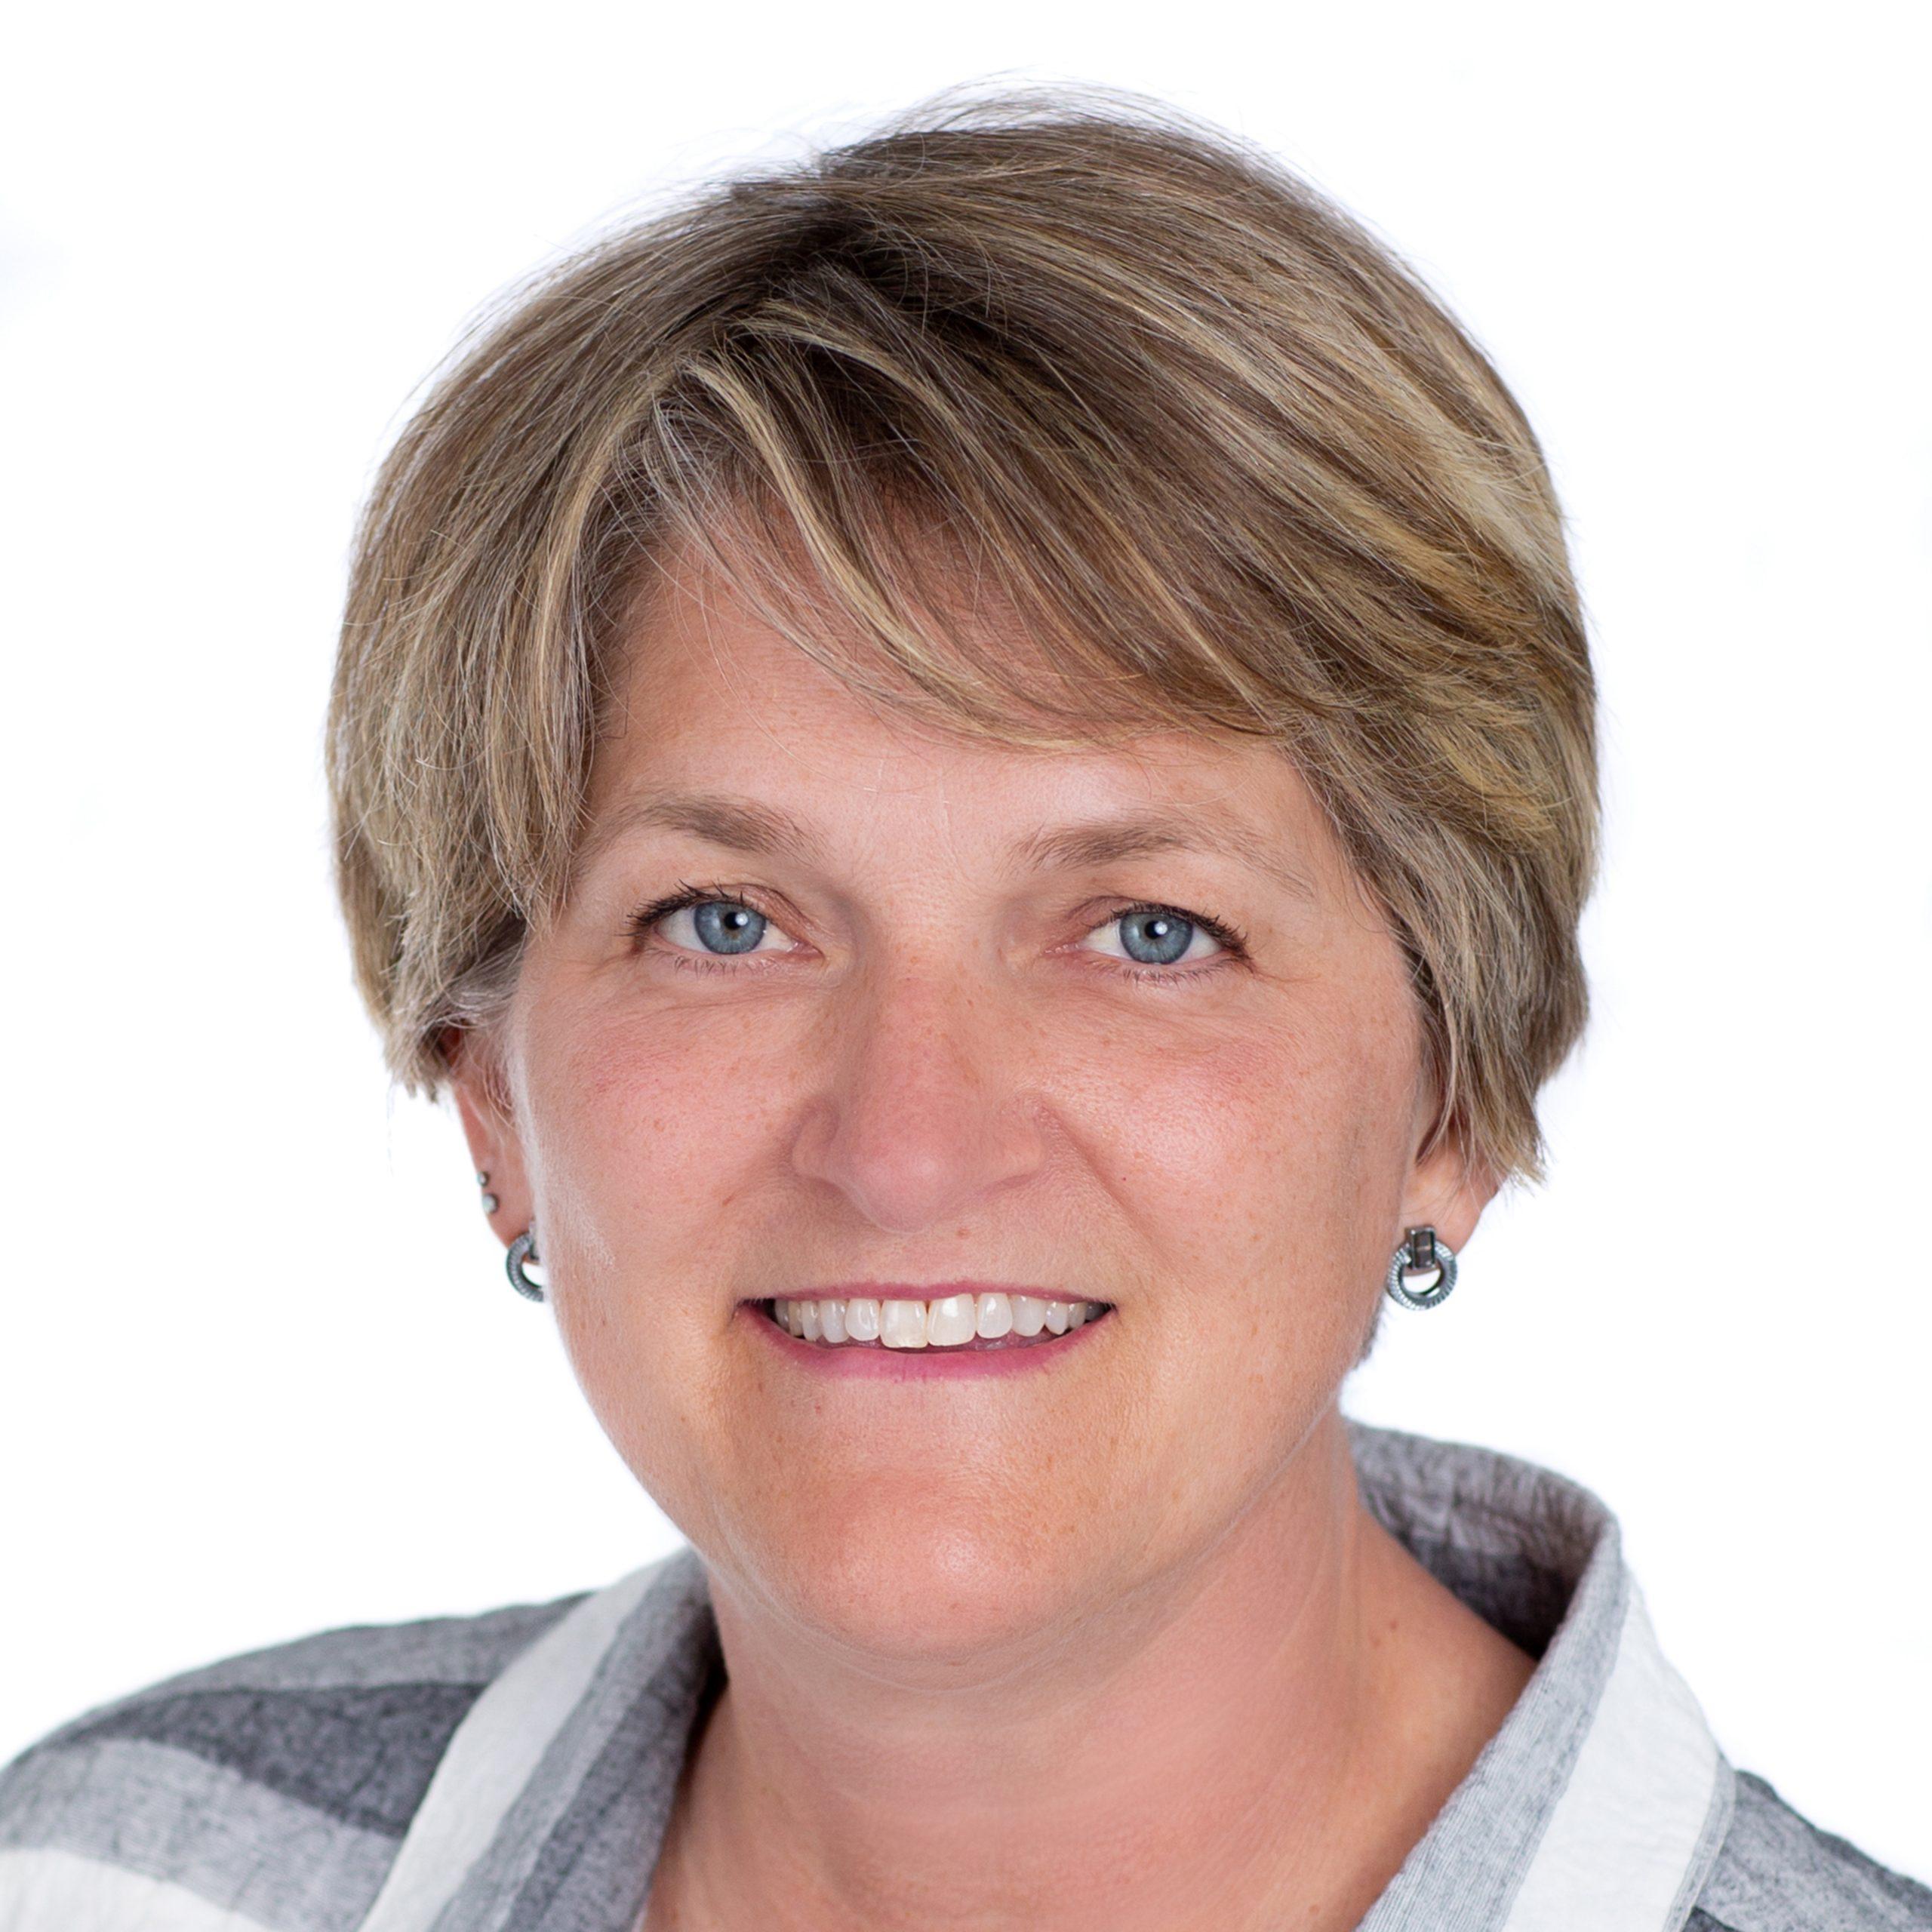 Kate S. Bruner